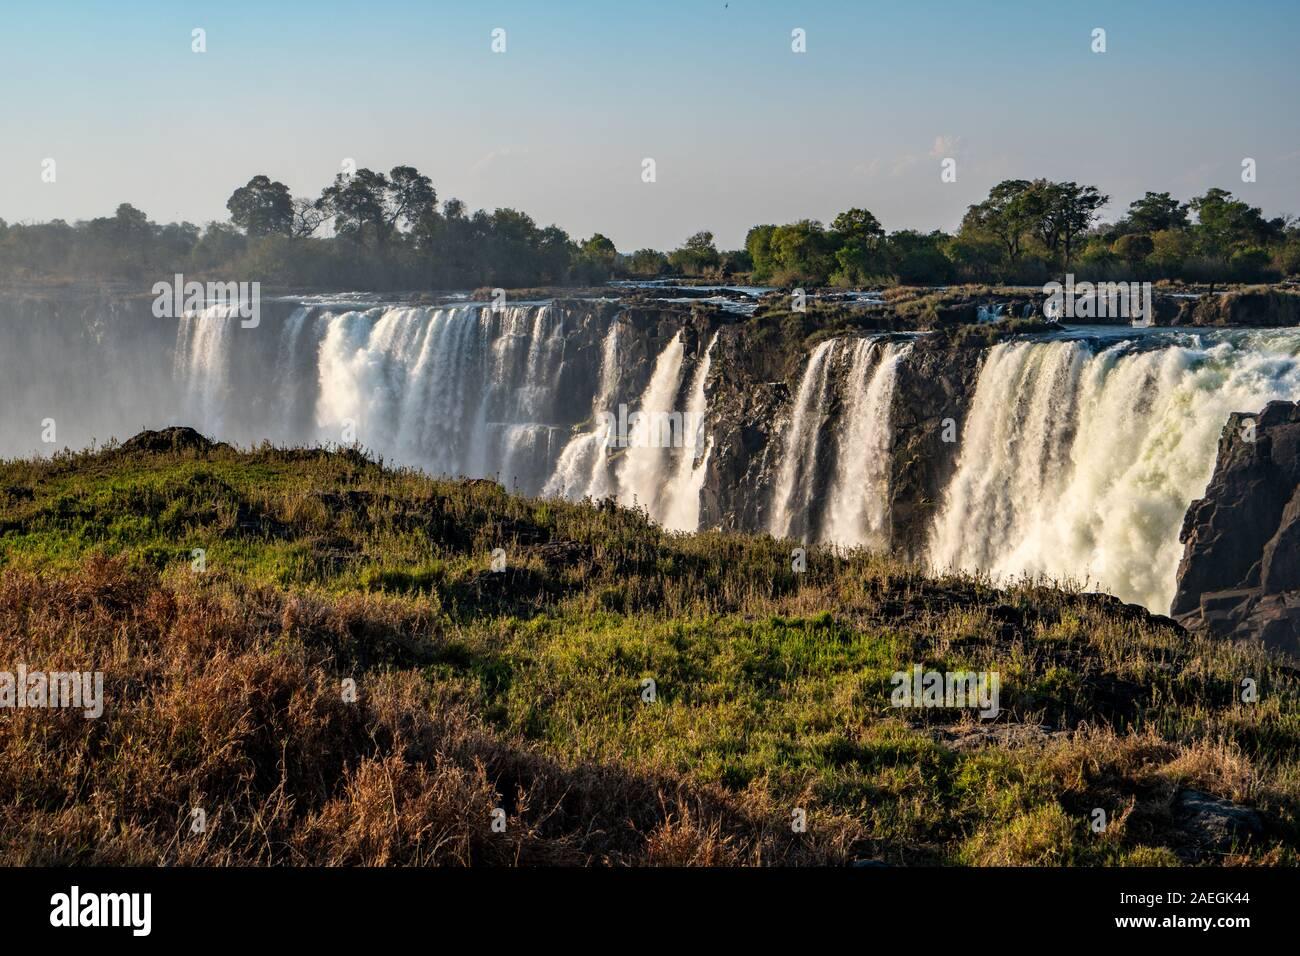 Victoria Falls, che prende il nome da David Livingstone nel 1855 dopo la regina Victoria, la cascata è formata dal fiume Zambesi che cade in un 100 metro profondo ch Foto Stock